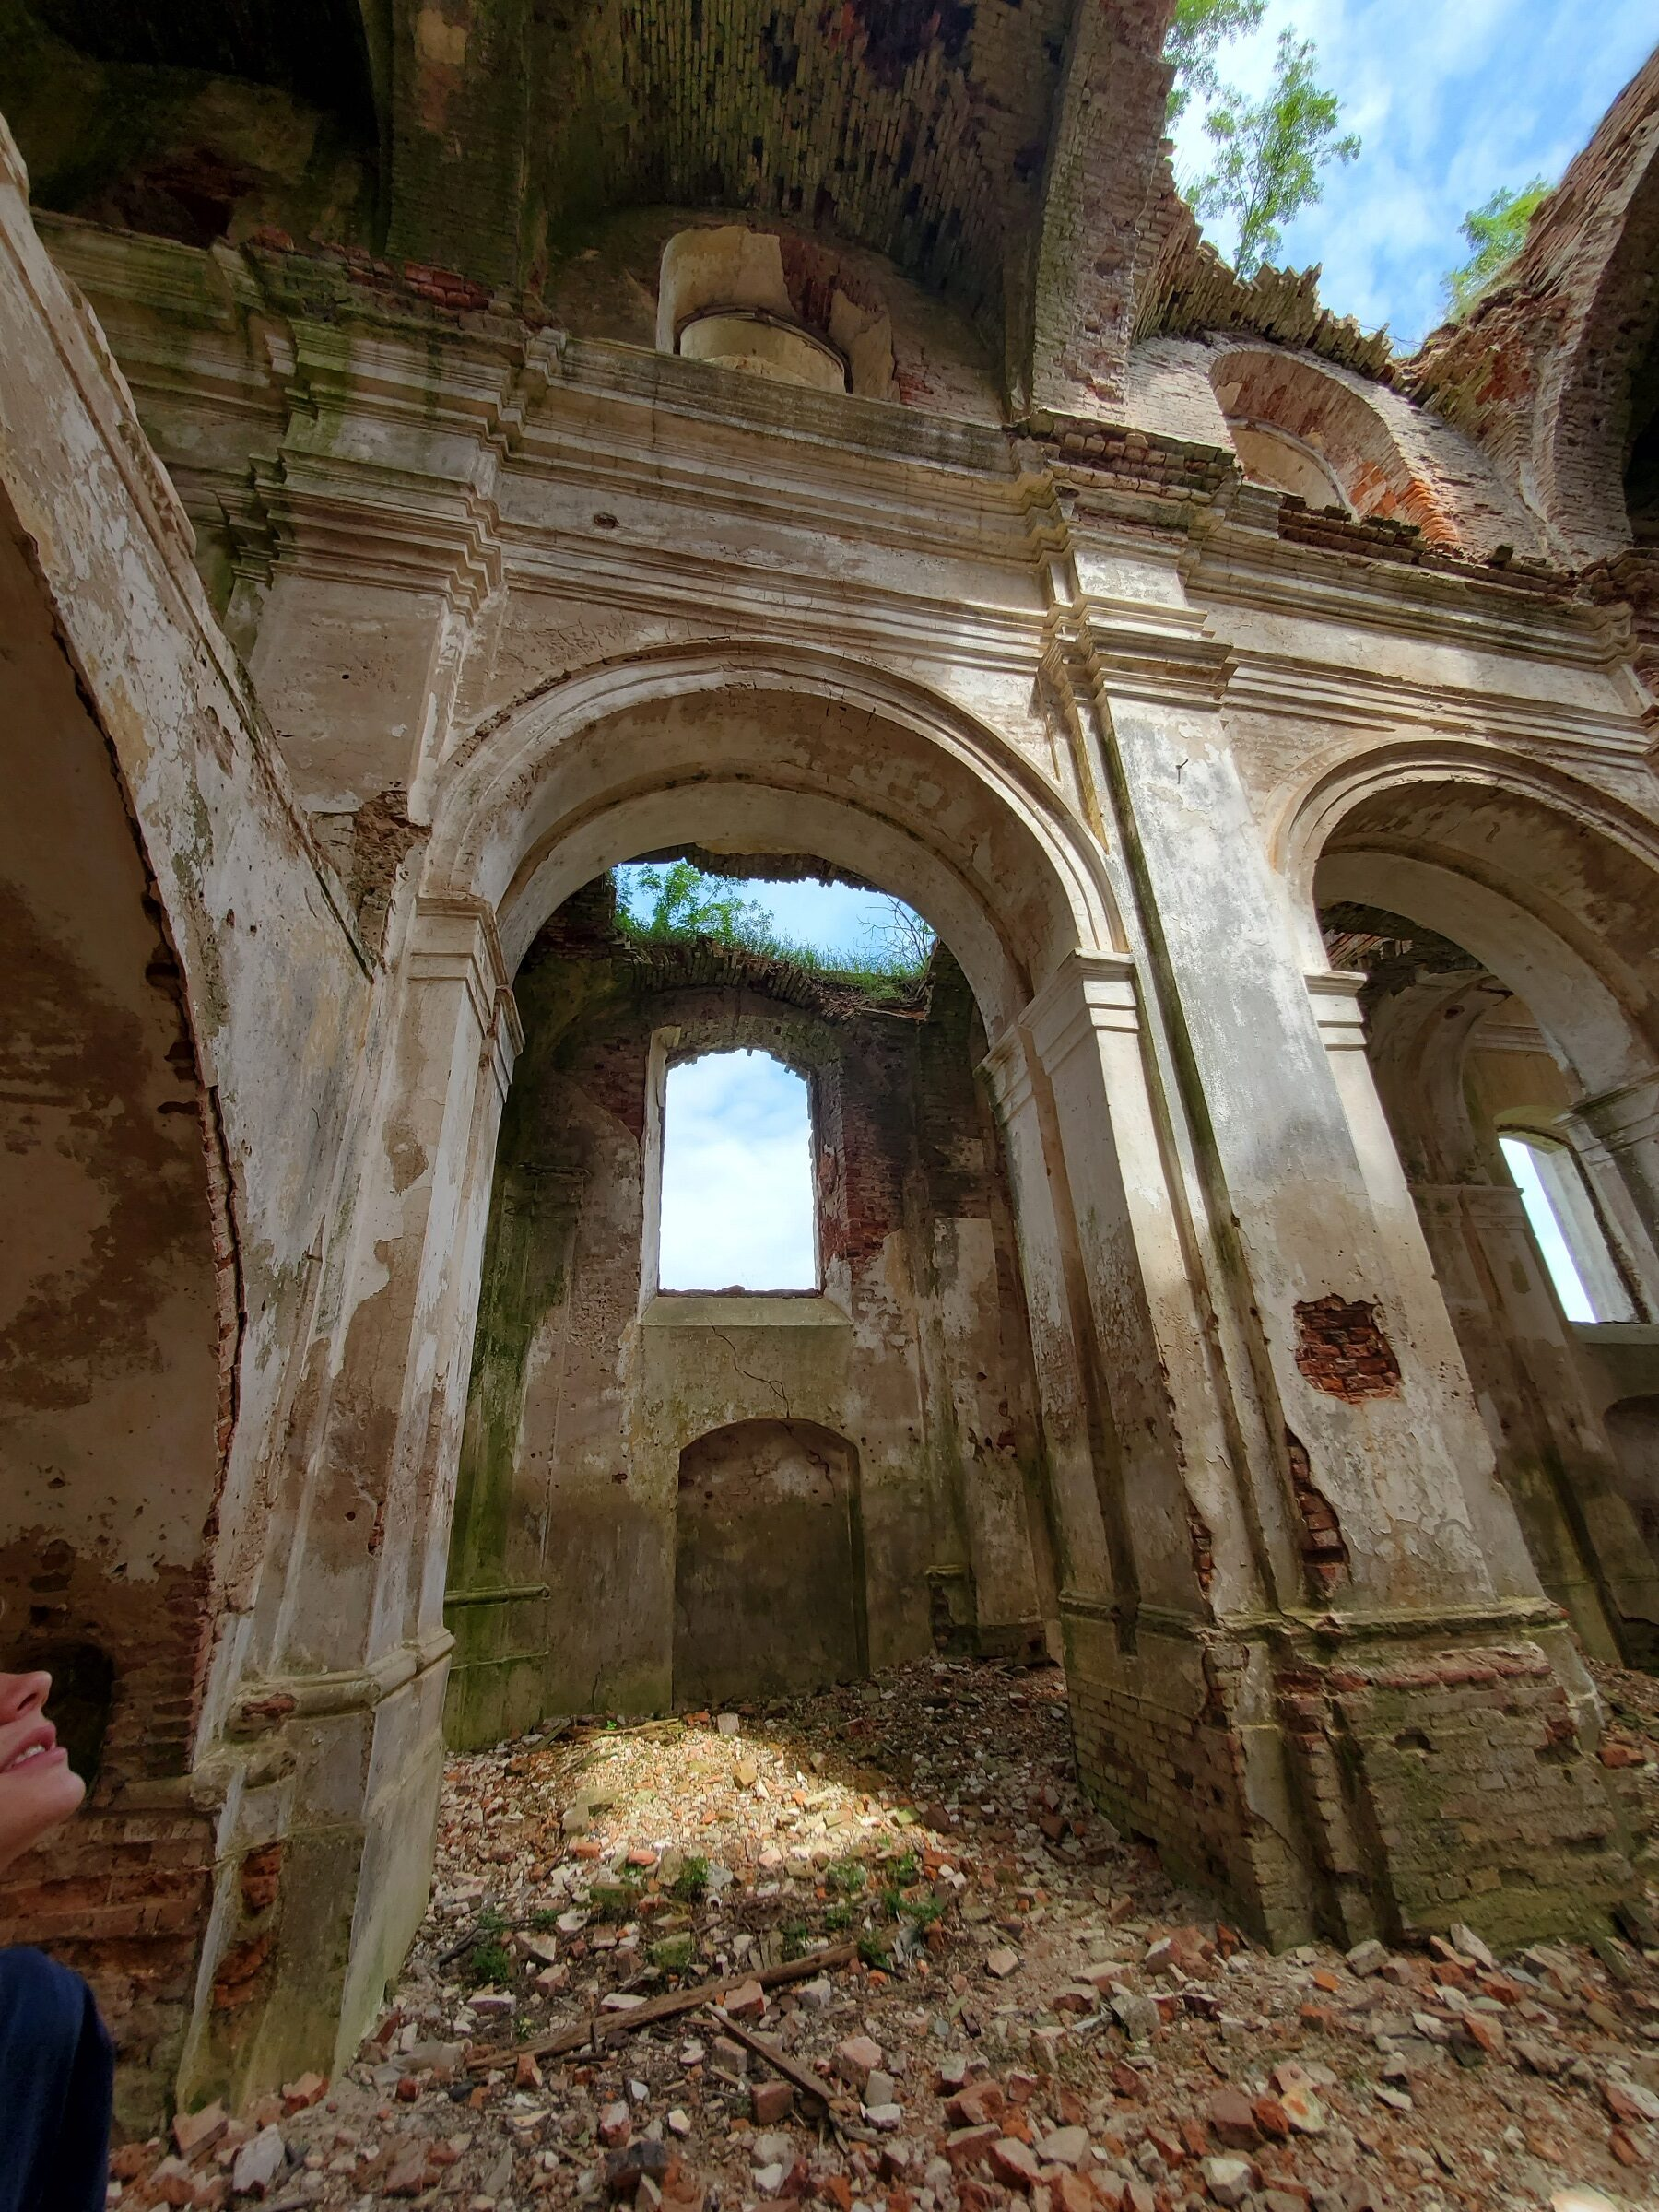 20200705 132510 rotated - Памятники архитектуры в Селище